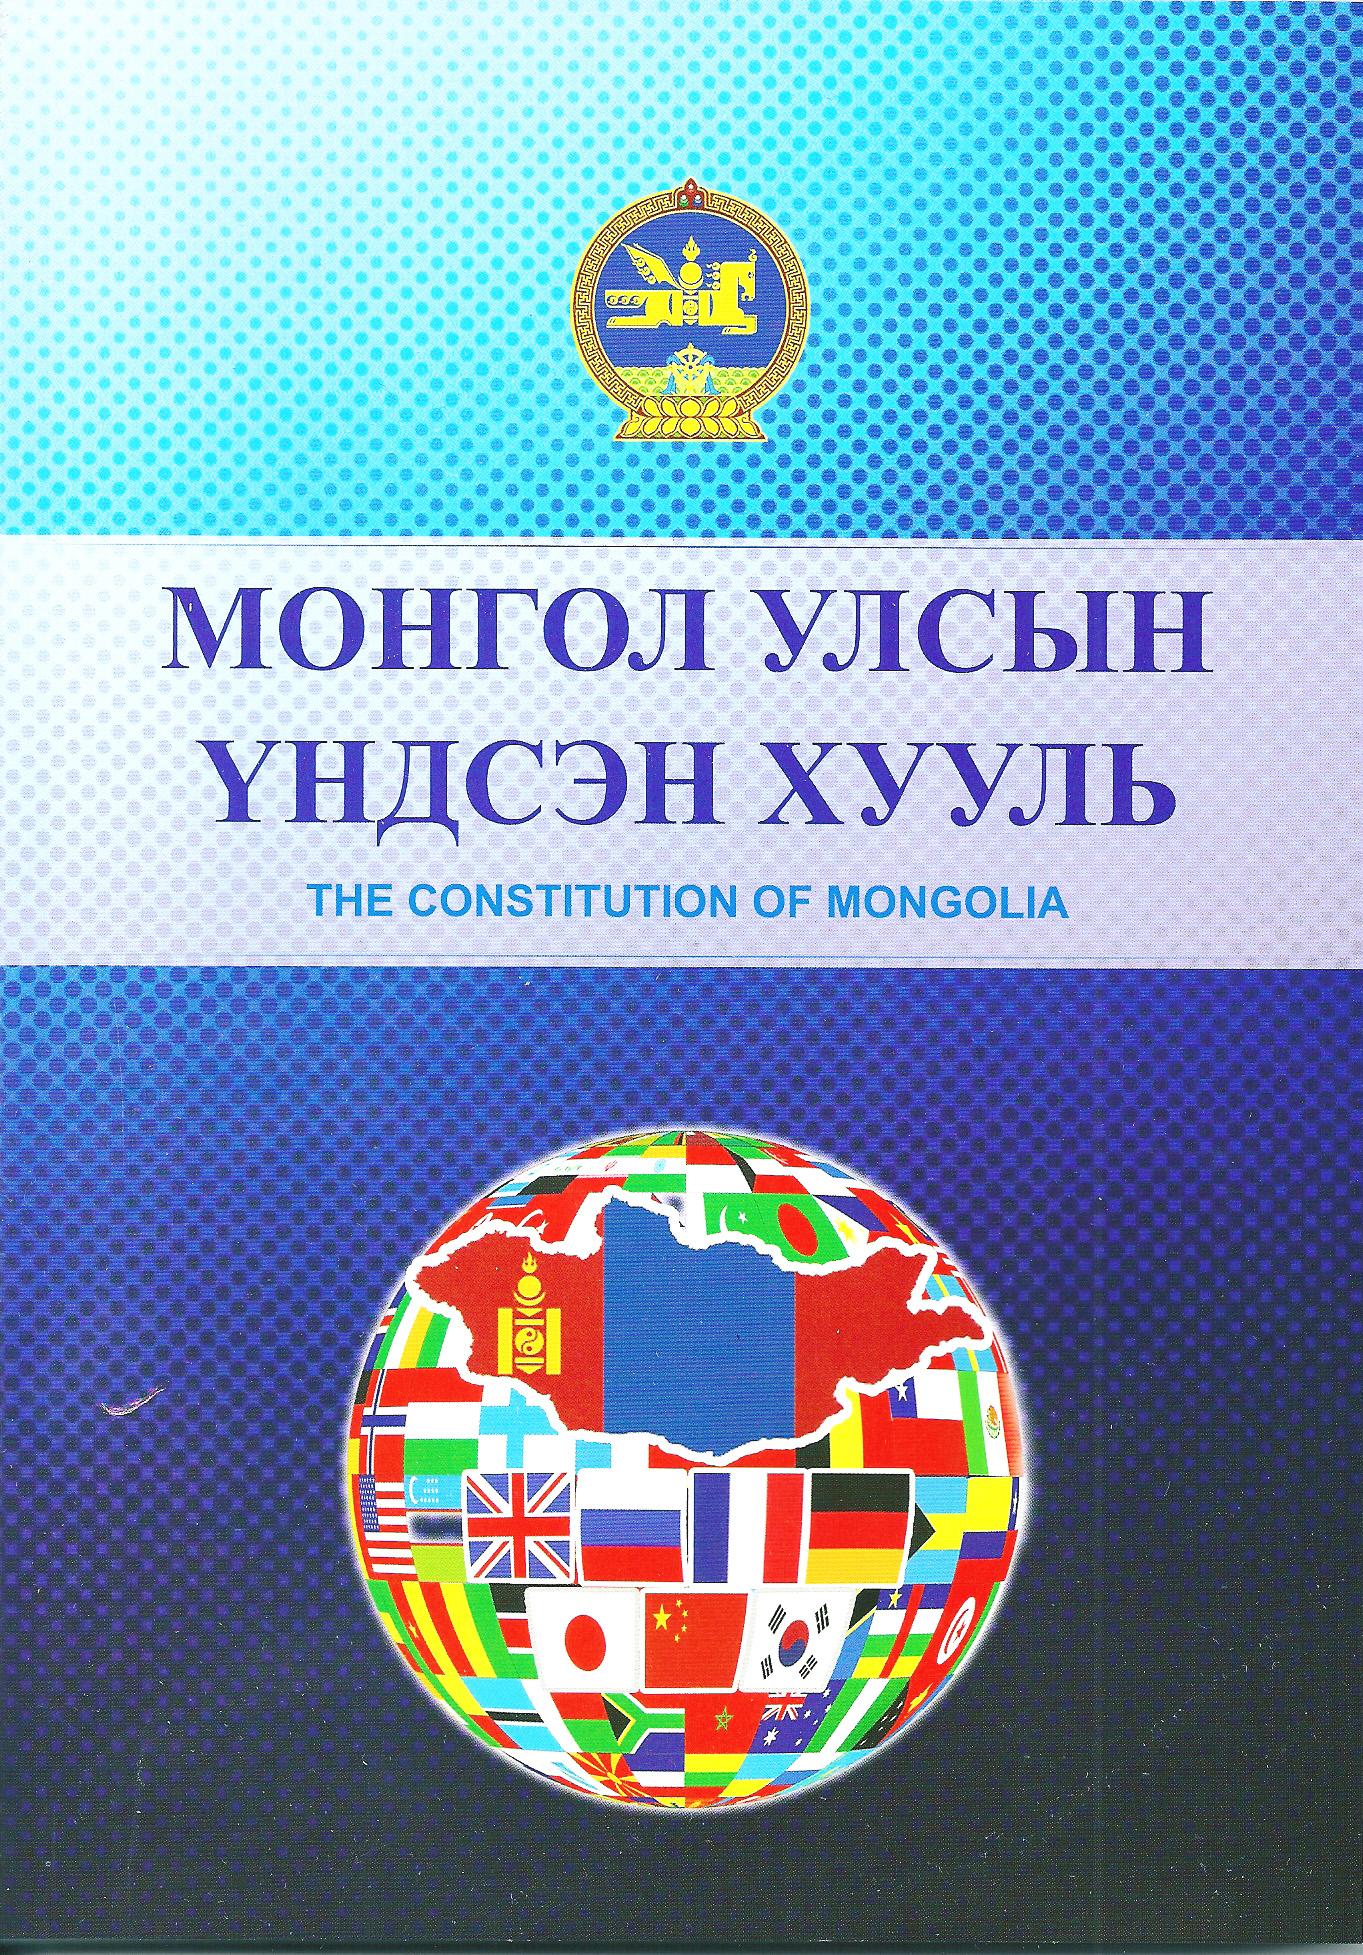 9 н хэл дээрх Үндсэн хууль